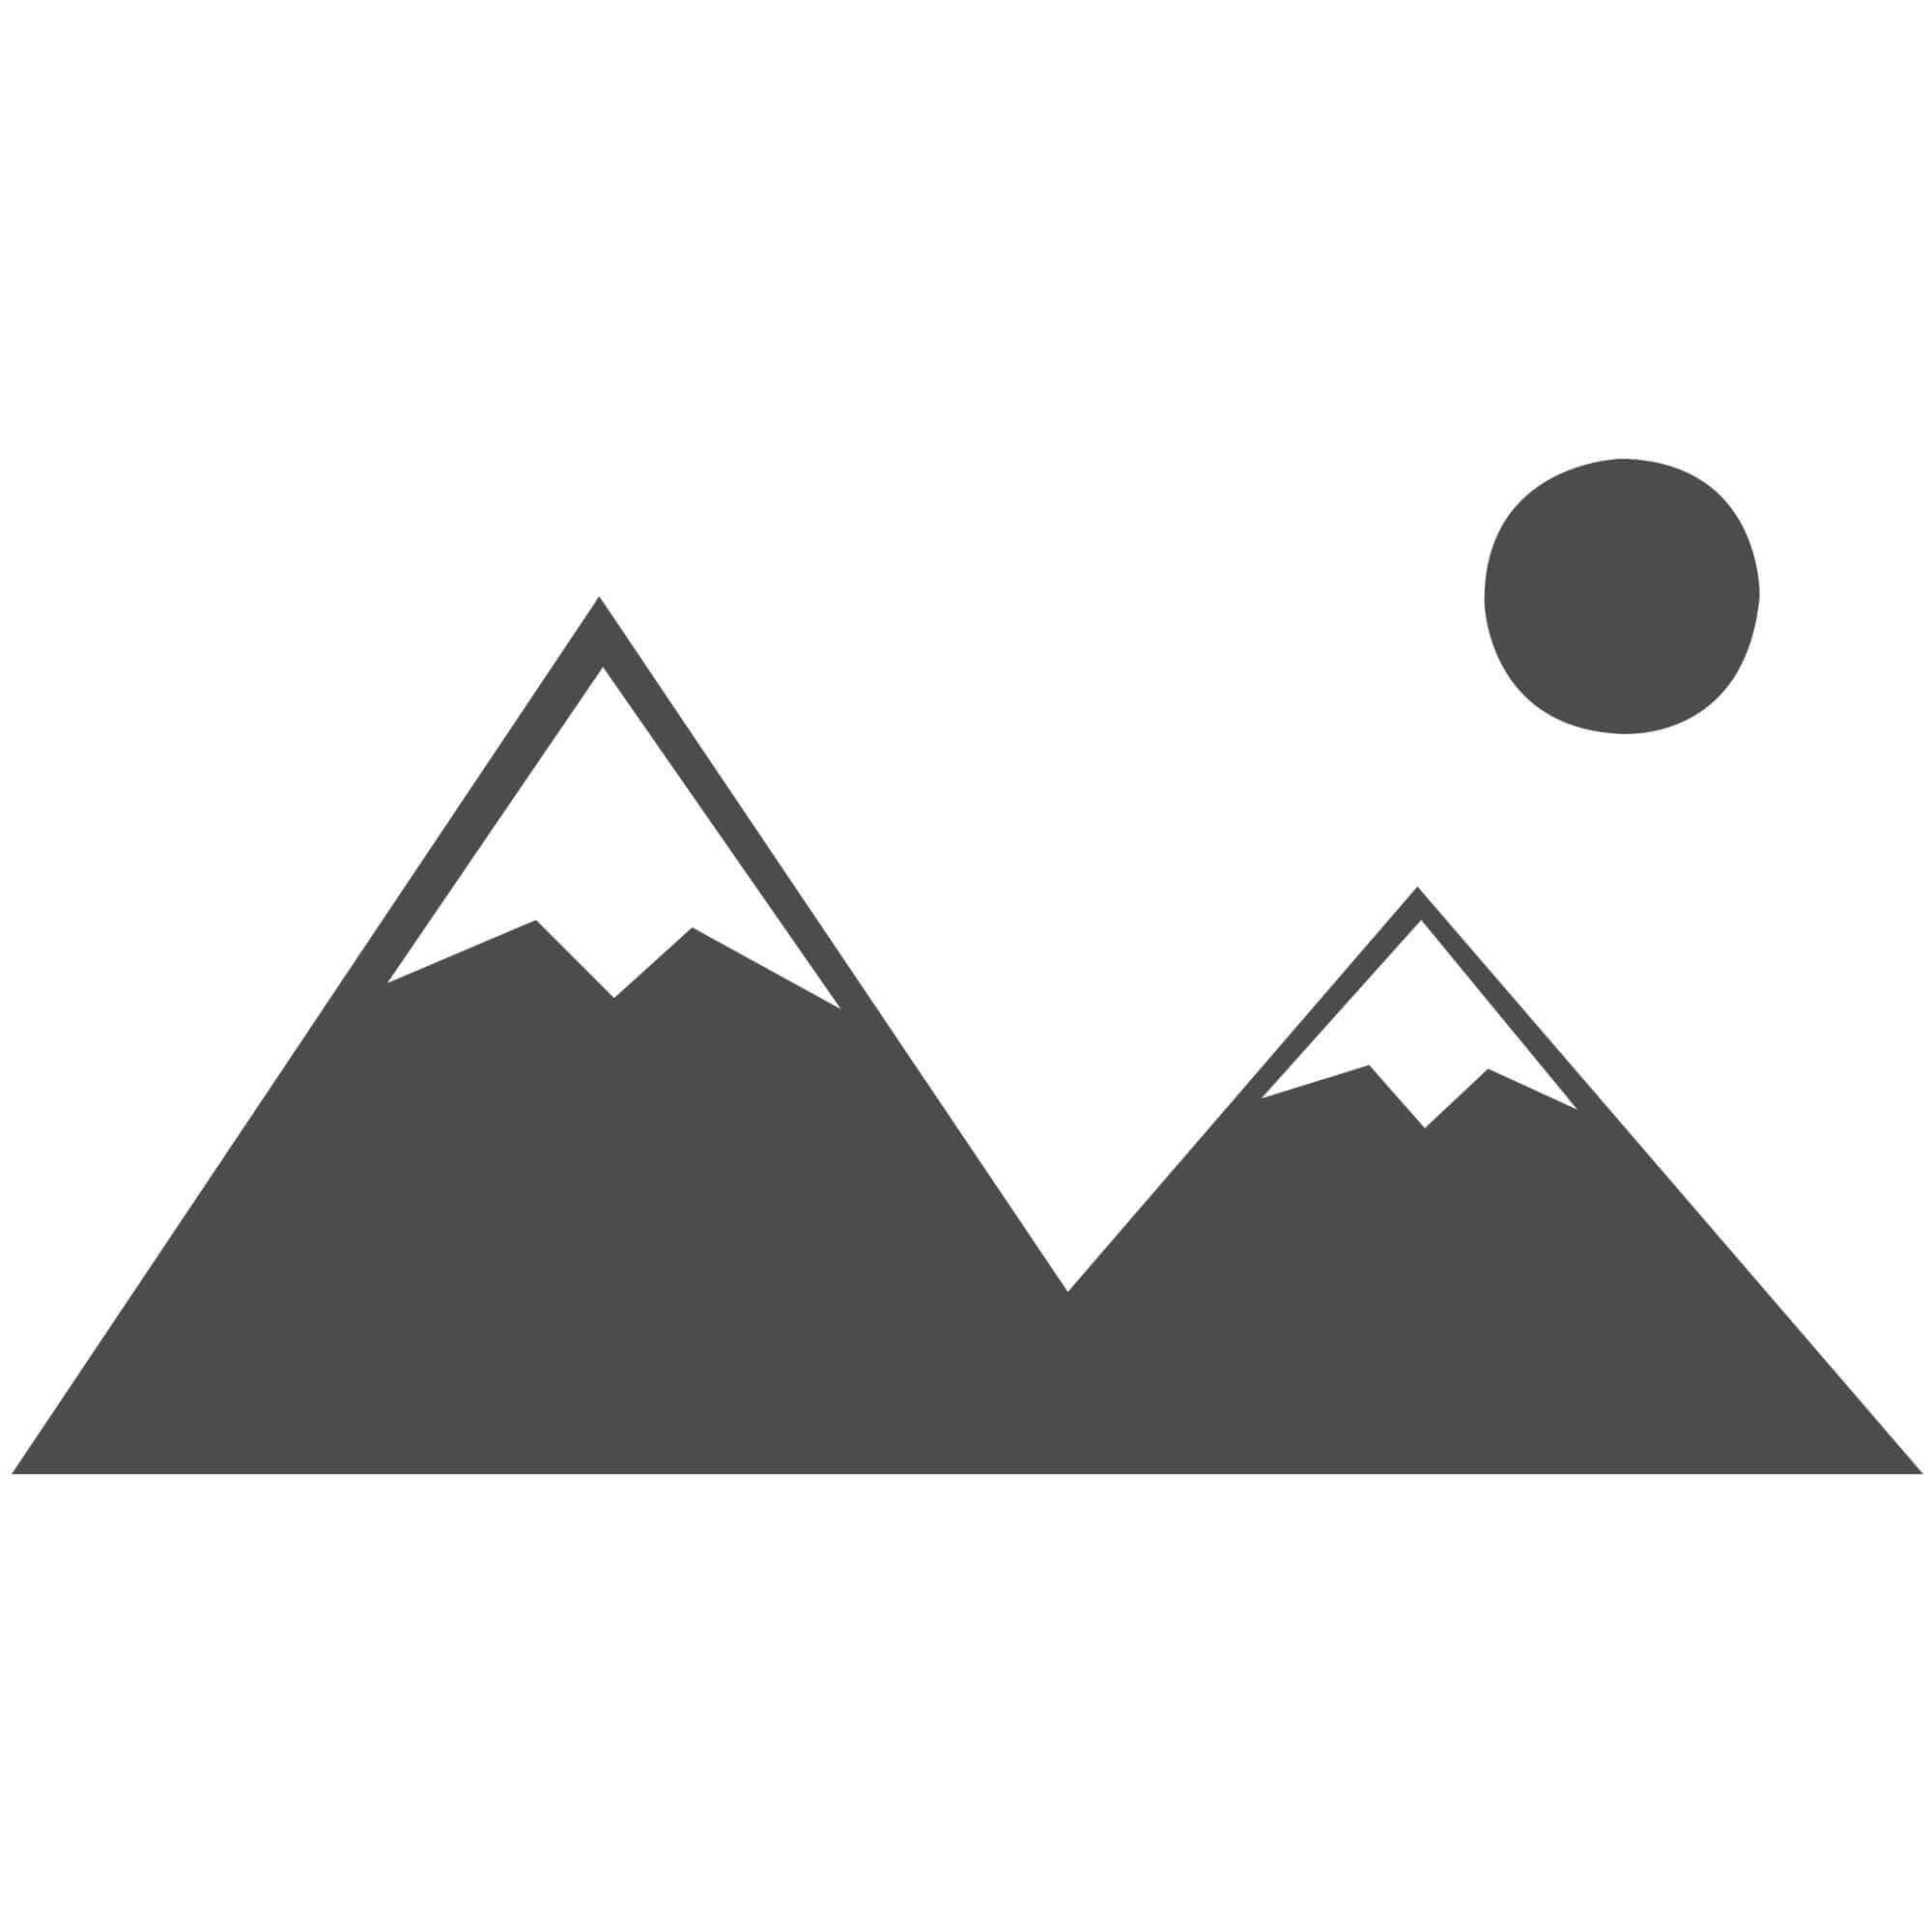 """Havana 2067 V Rug - Floral Teal - Size 120 x 170 cm (4' x 5'7"""")"""